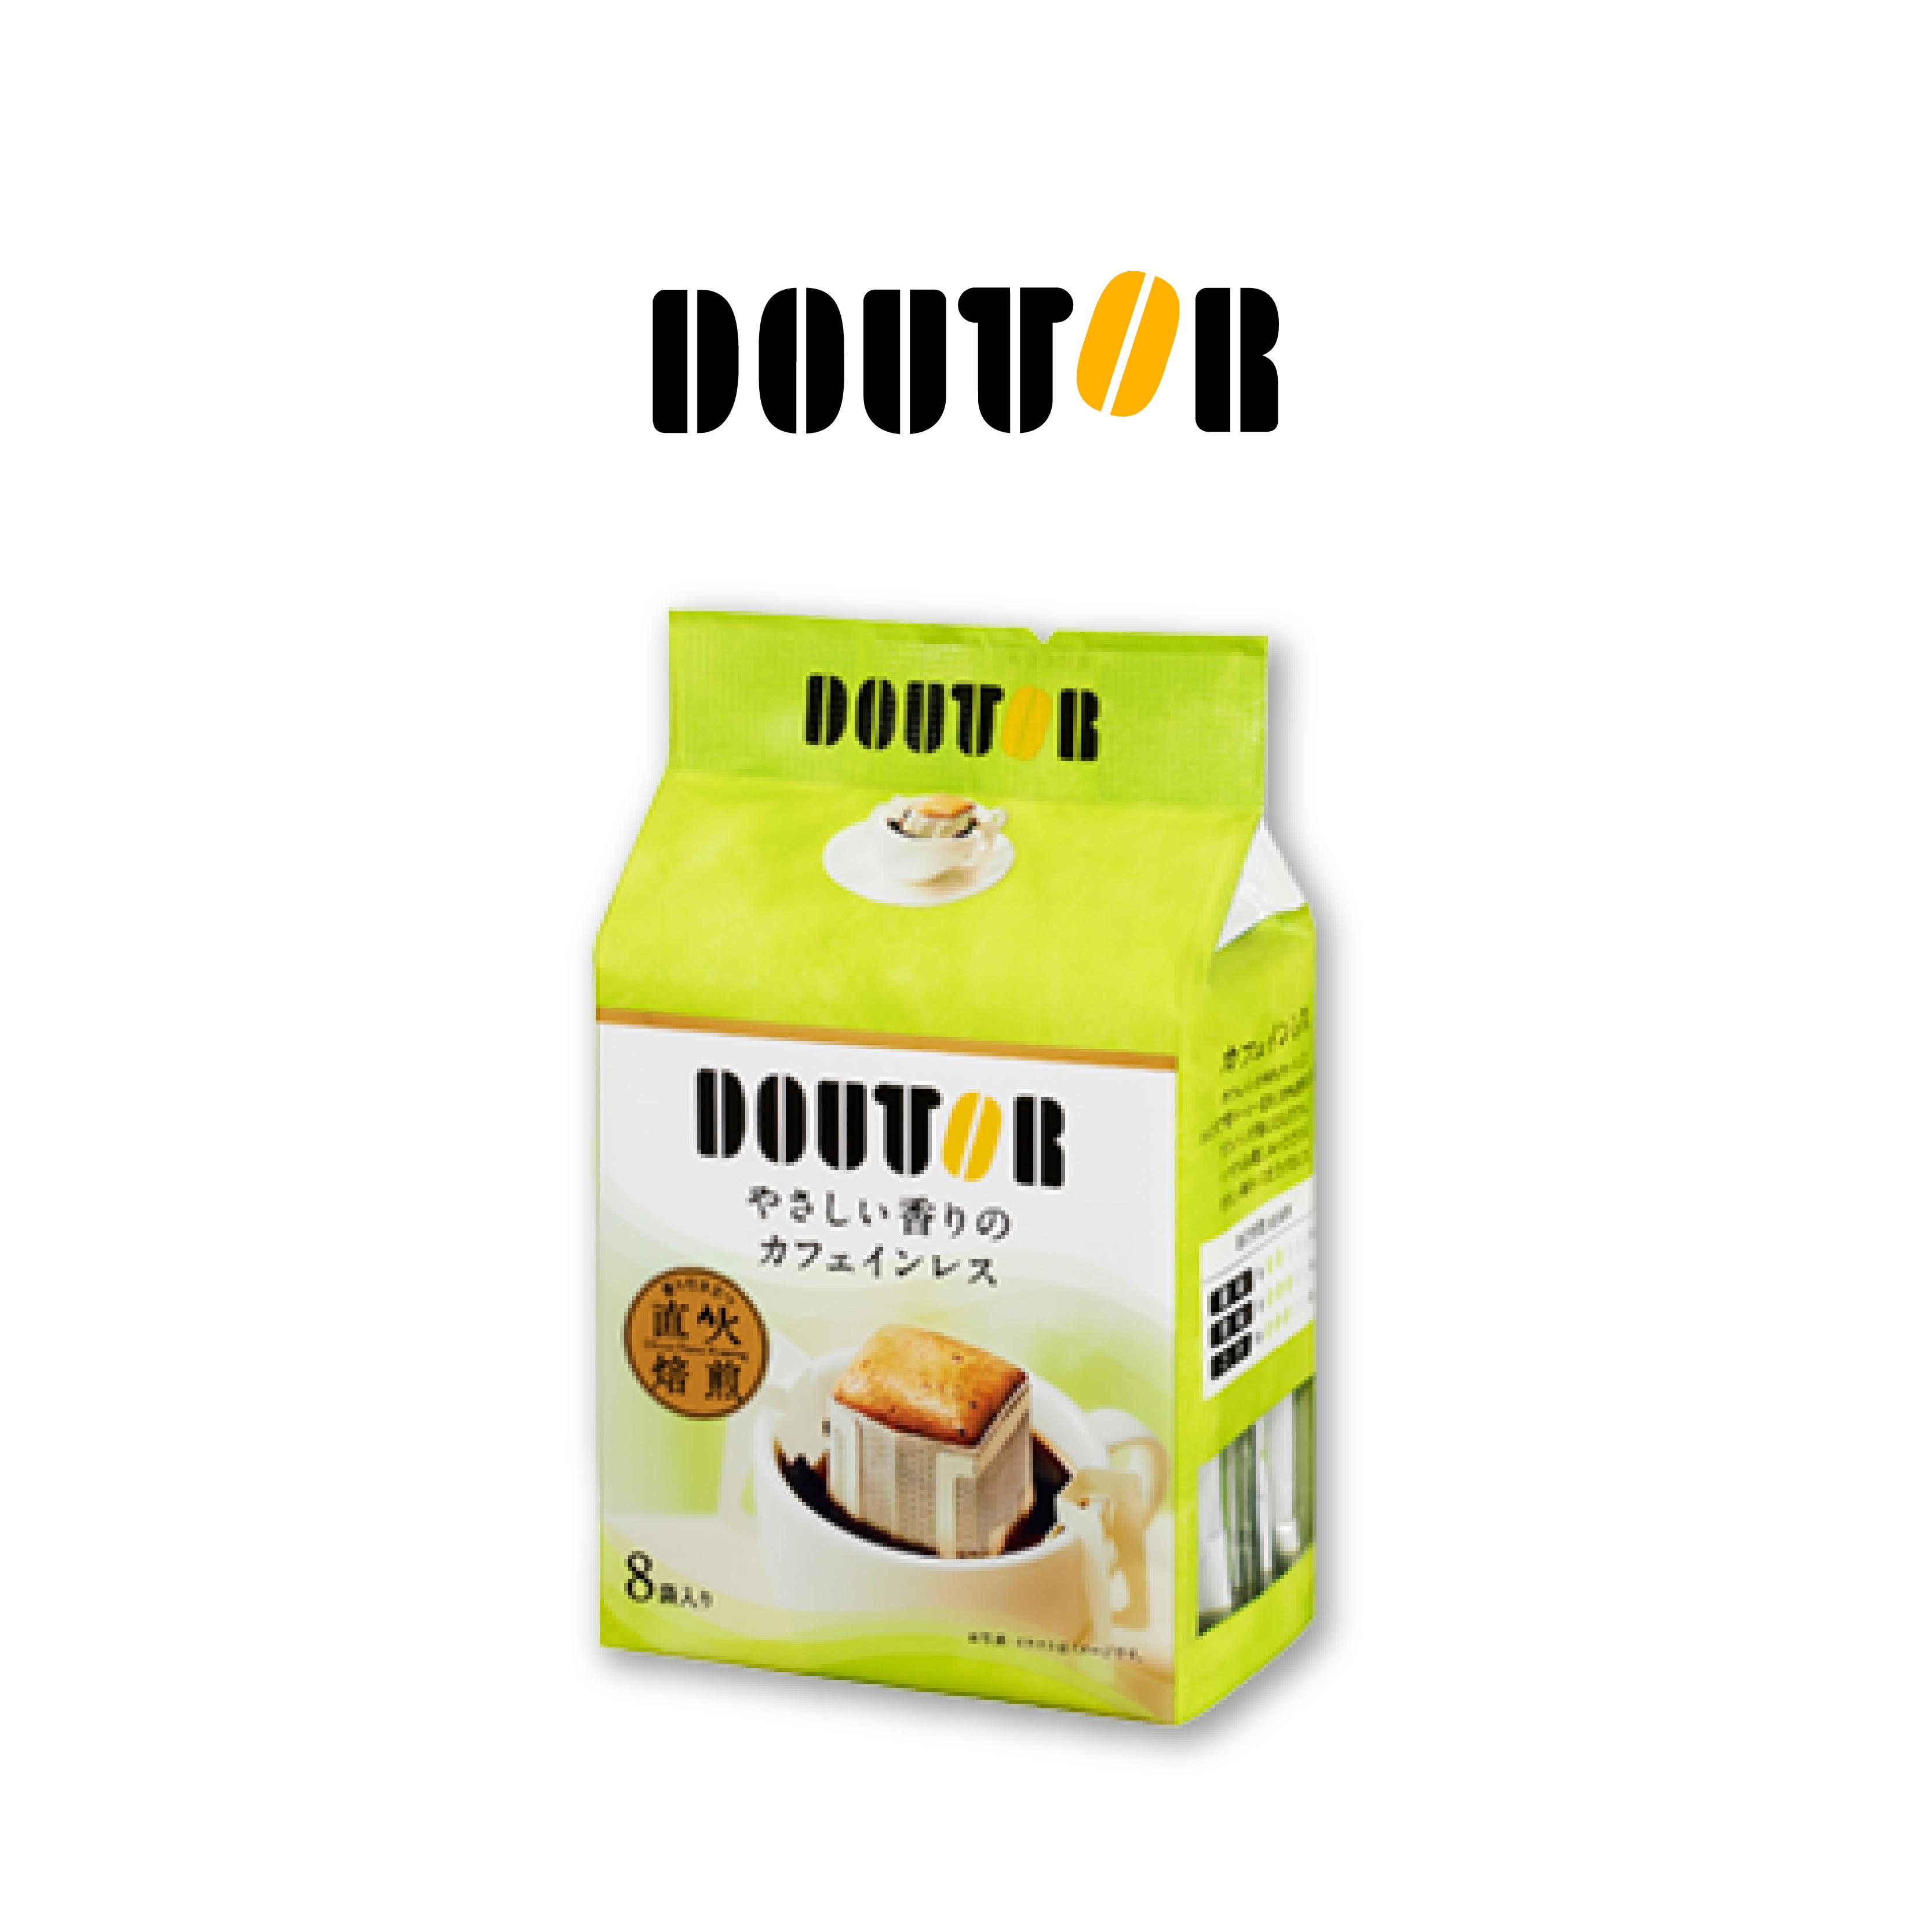 [도토루] 부드러운향의 논카페인(그린) 커피